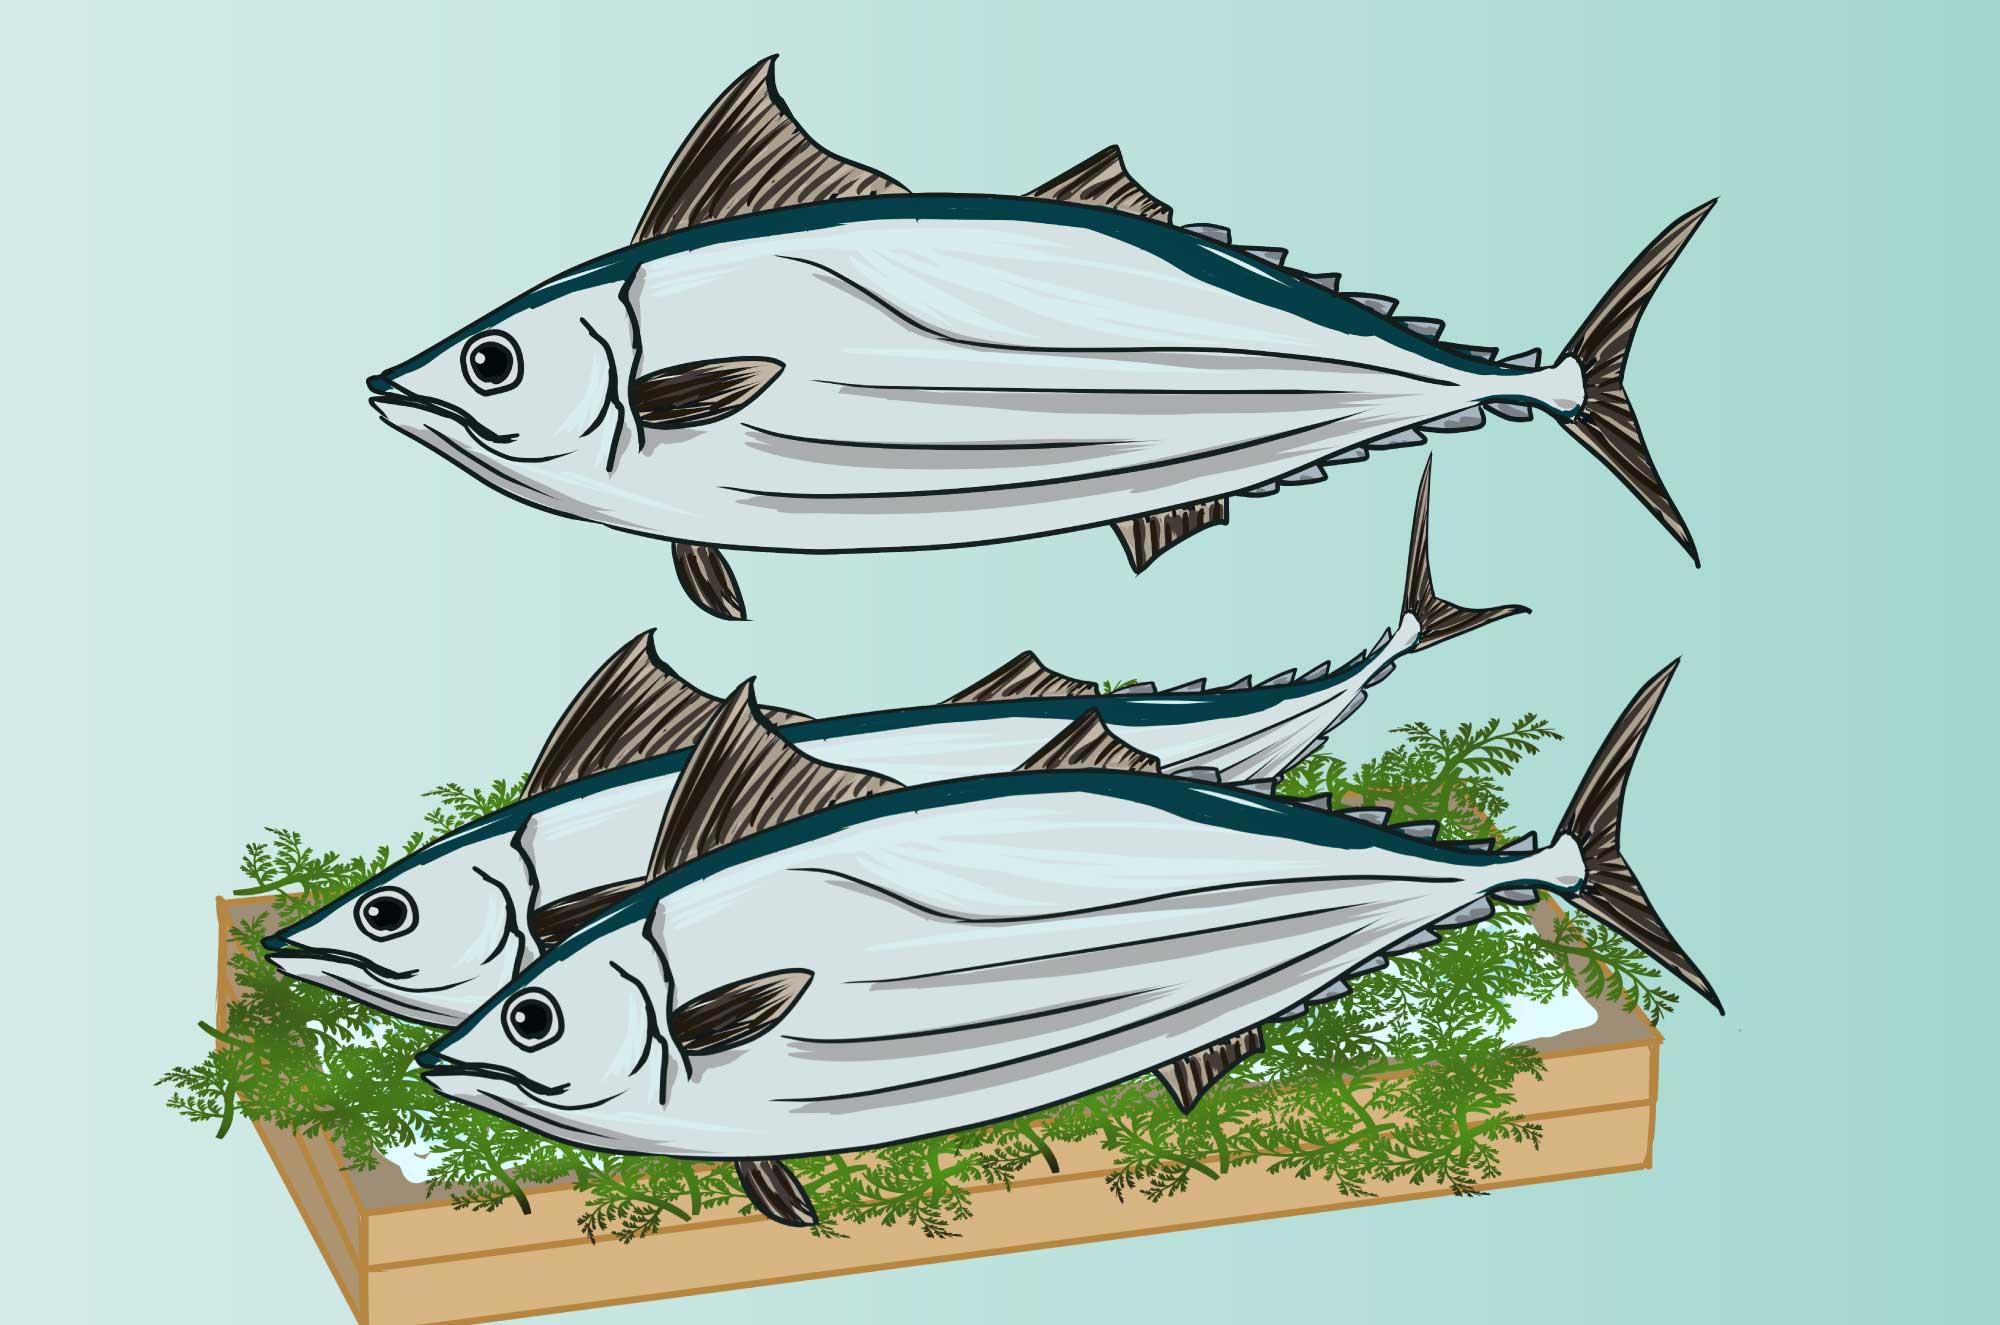 カツオのイラスト - 大型回遊魚のフリー素材